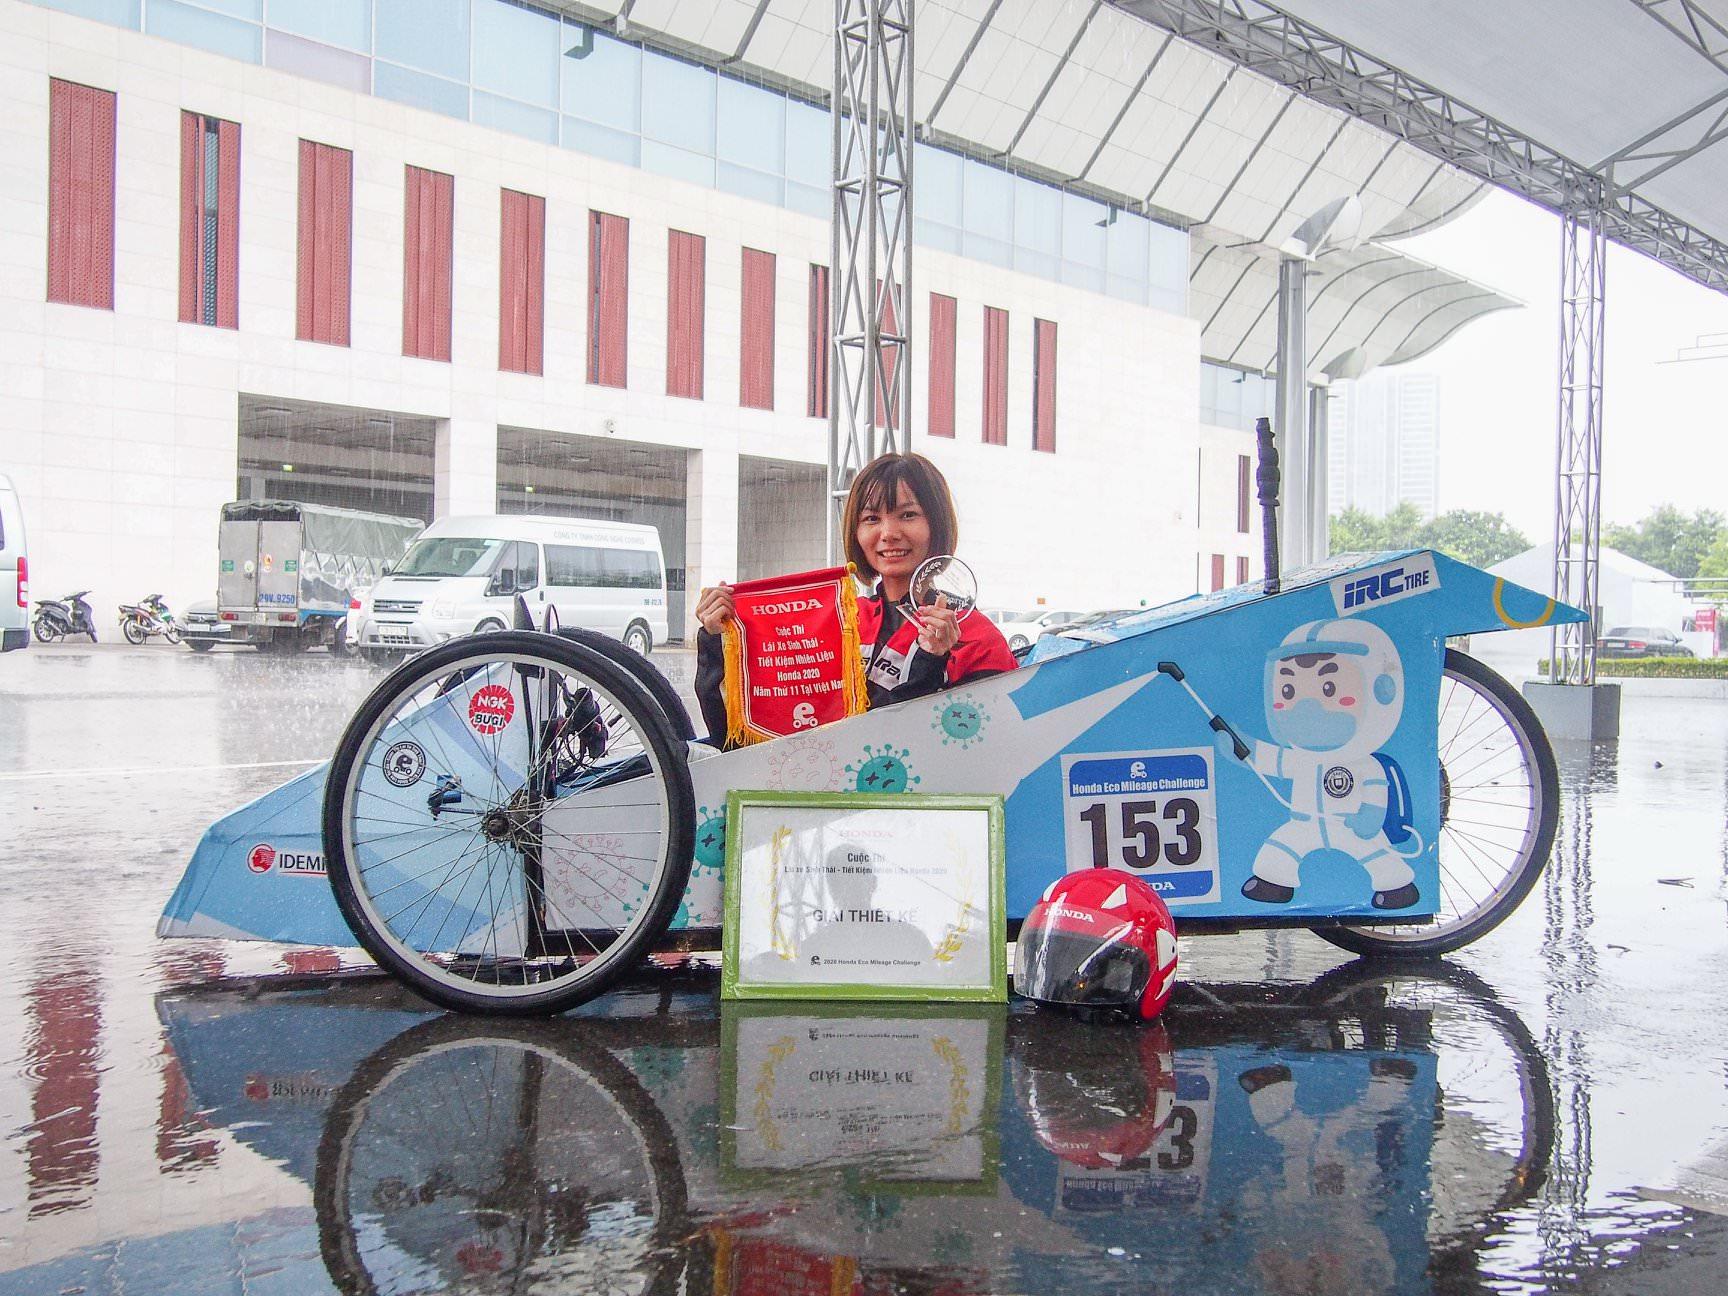 Đội trưởng Nguyễn Thị Thu Hà và thành tích toàn đội nhận được từ thiết kế xe tự chế trong cuộc thi.